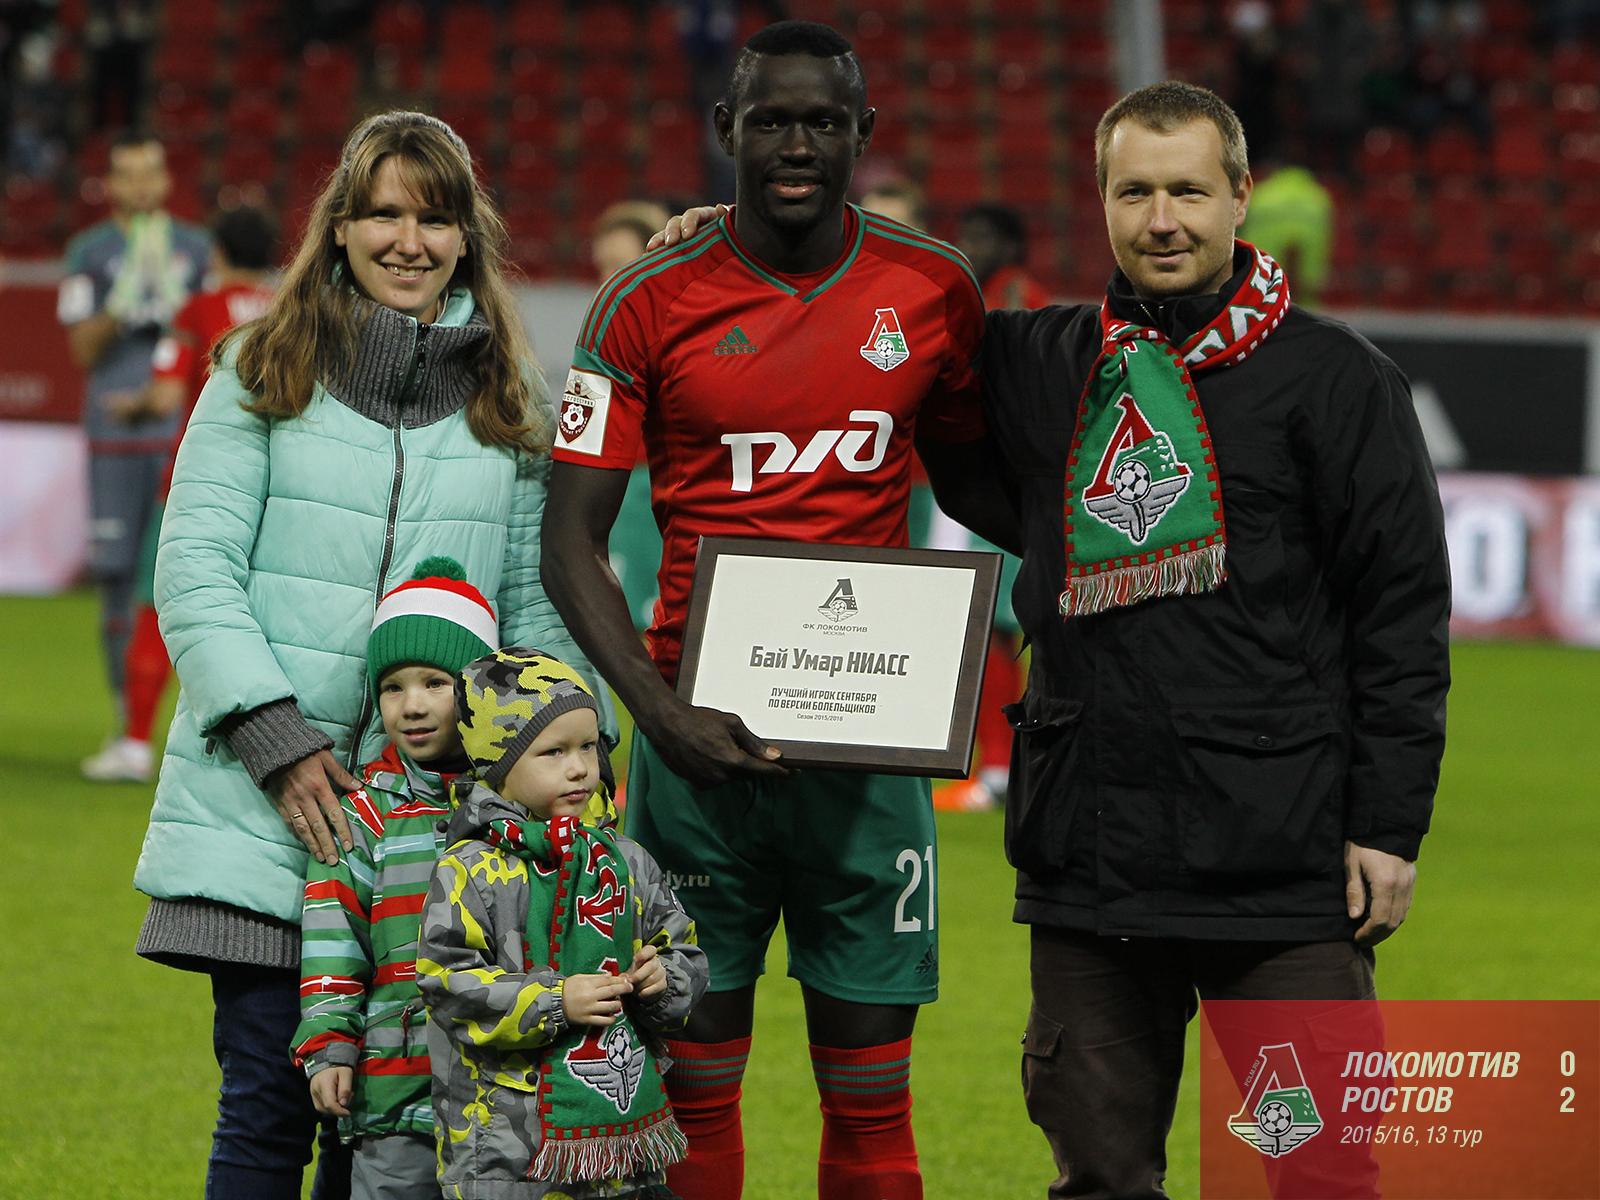 «Локомотив» - «Ростов» - 0:2